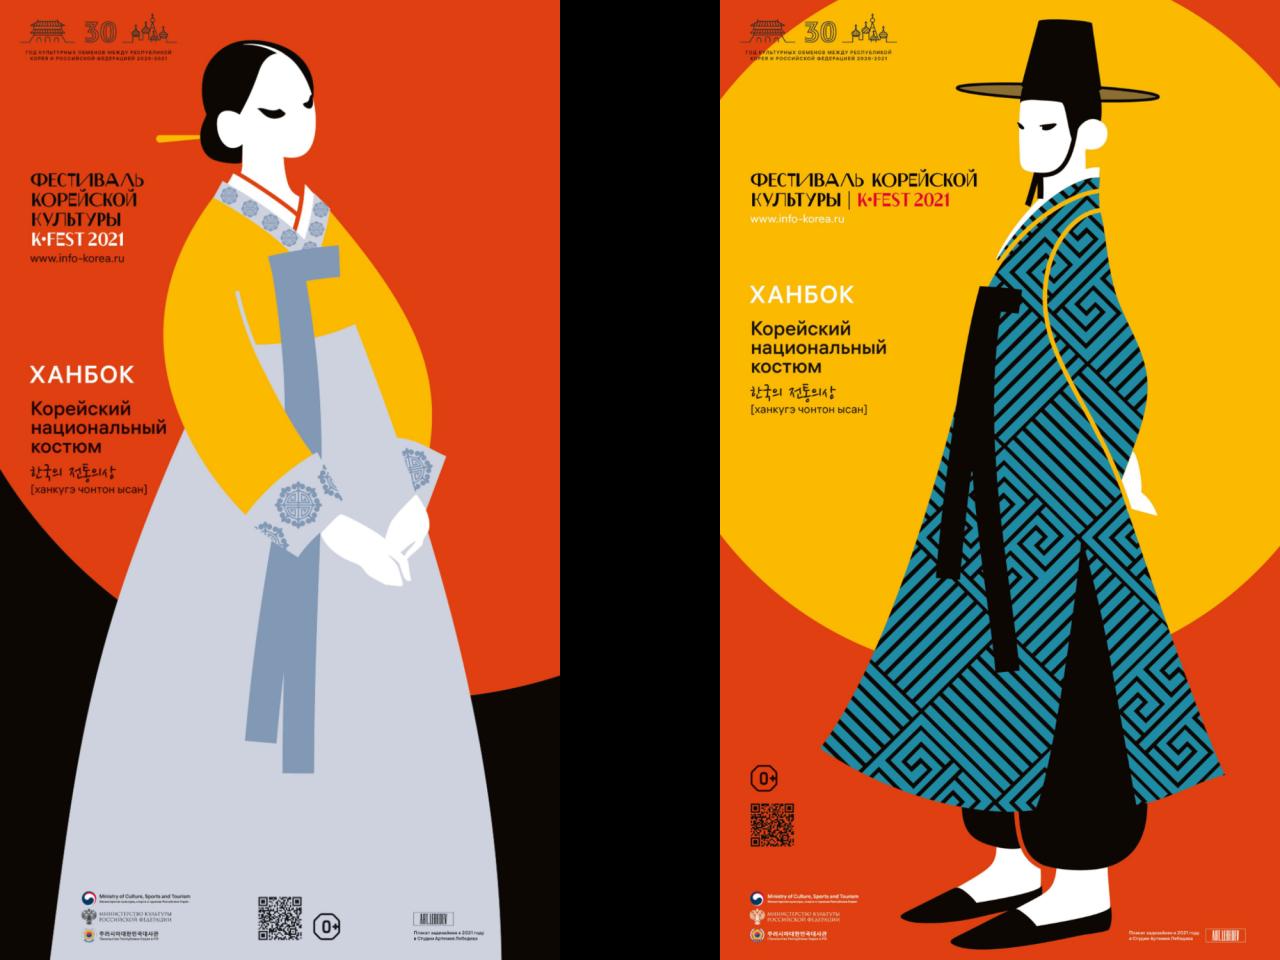 러씨아.png 러시아가 공개한 한국 수교 30주년 포스터 ㄷㄷㄷ.jpg